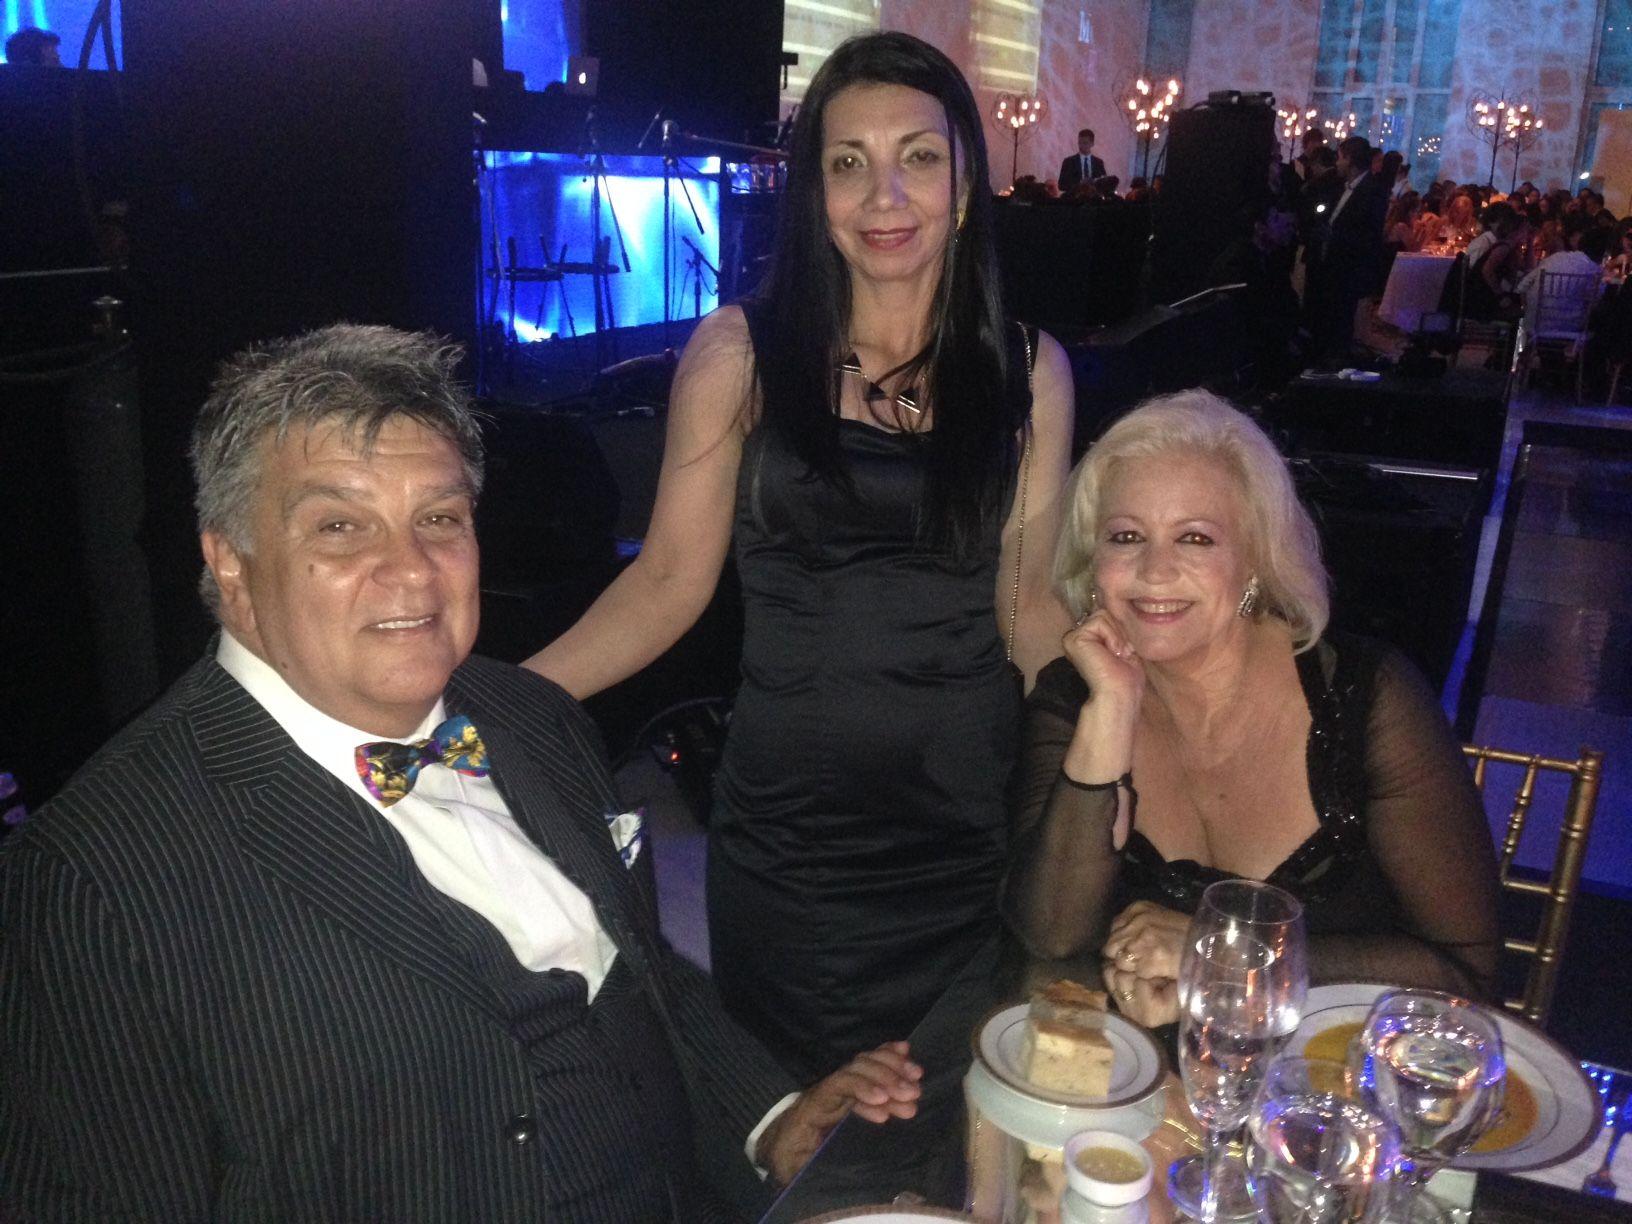 Los invitados de la hija de Rial: de Insaurralde a Mariano Martínez y de Iúdica a Massa